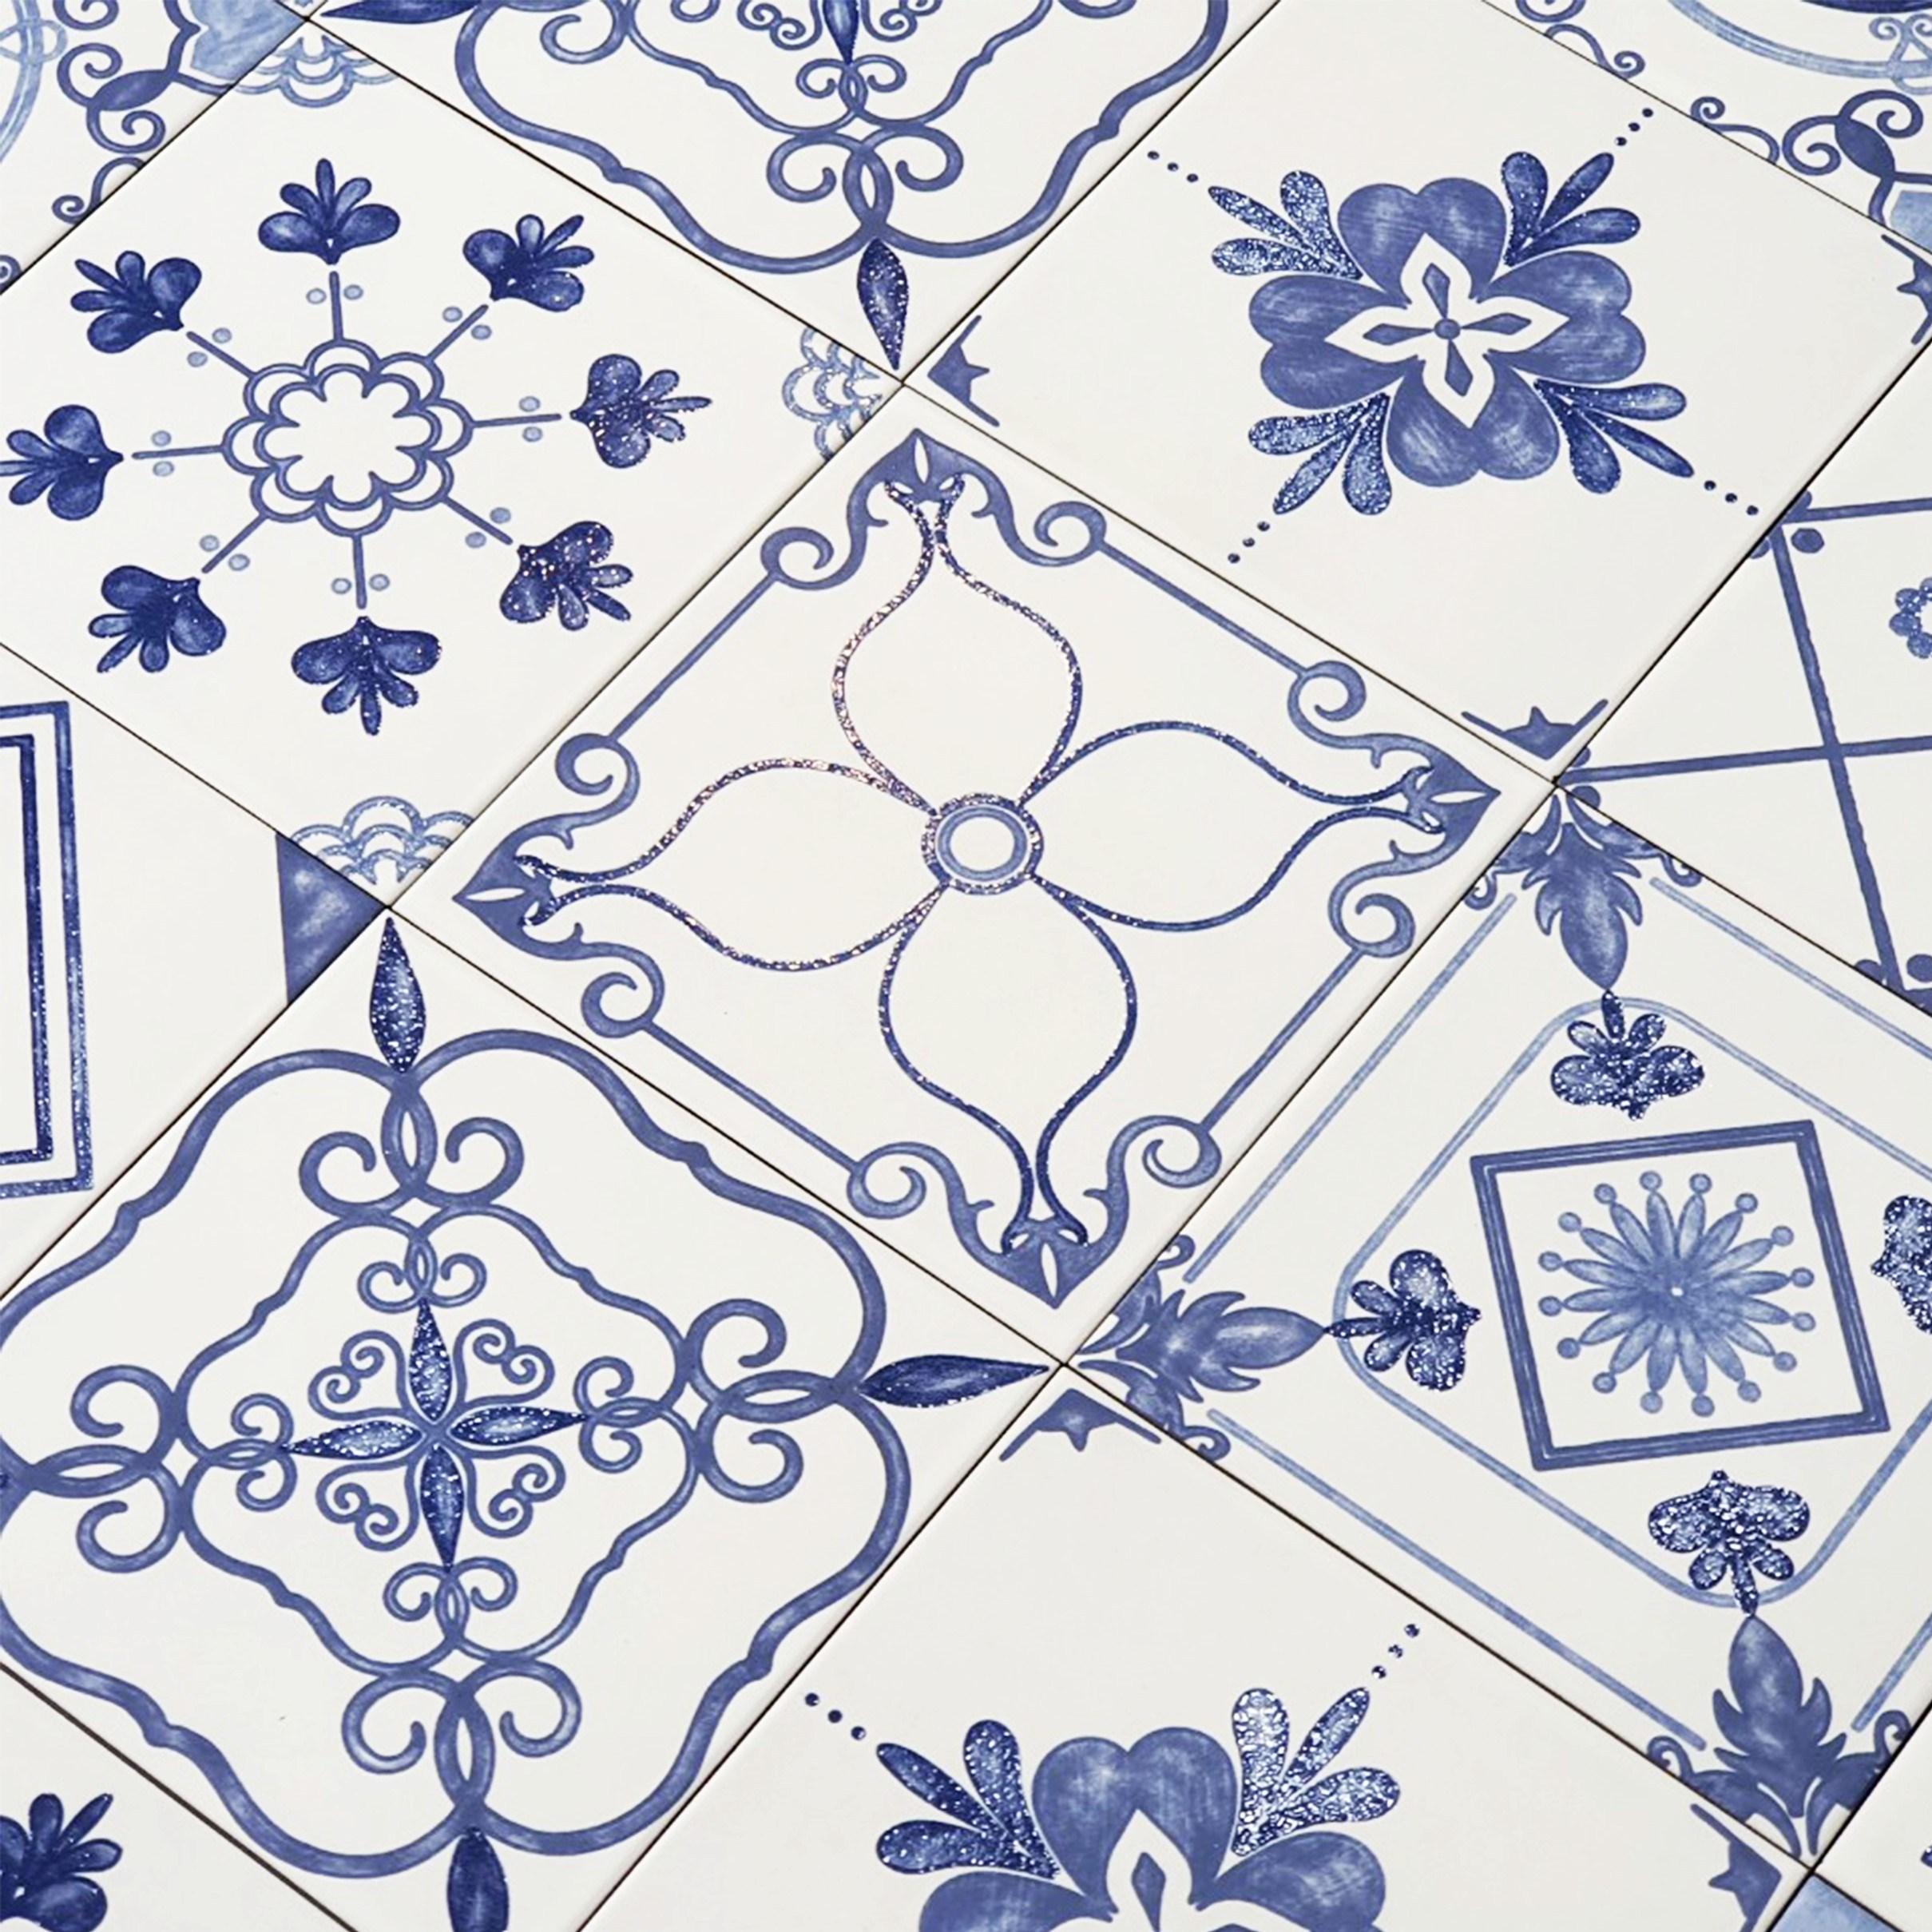 북유럽타일 패턴타일 욕실타일 바닥타일 현관타일 주방타일 거실타일 IR1500